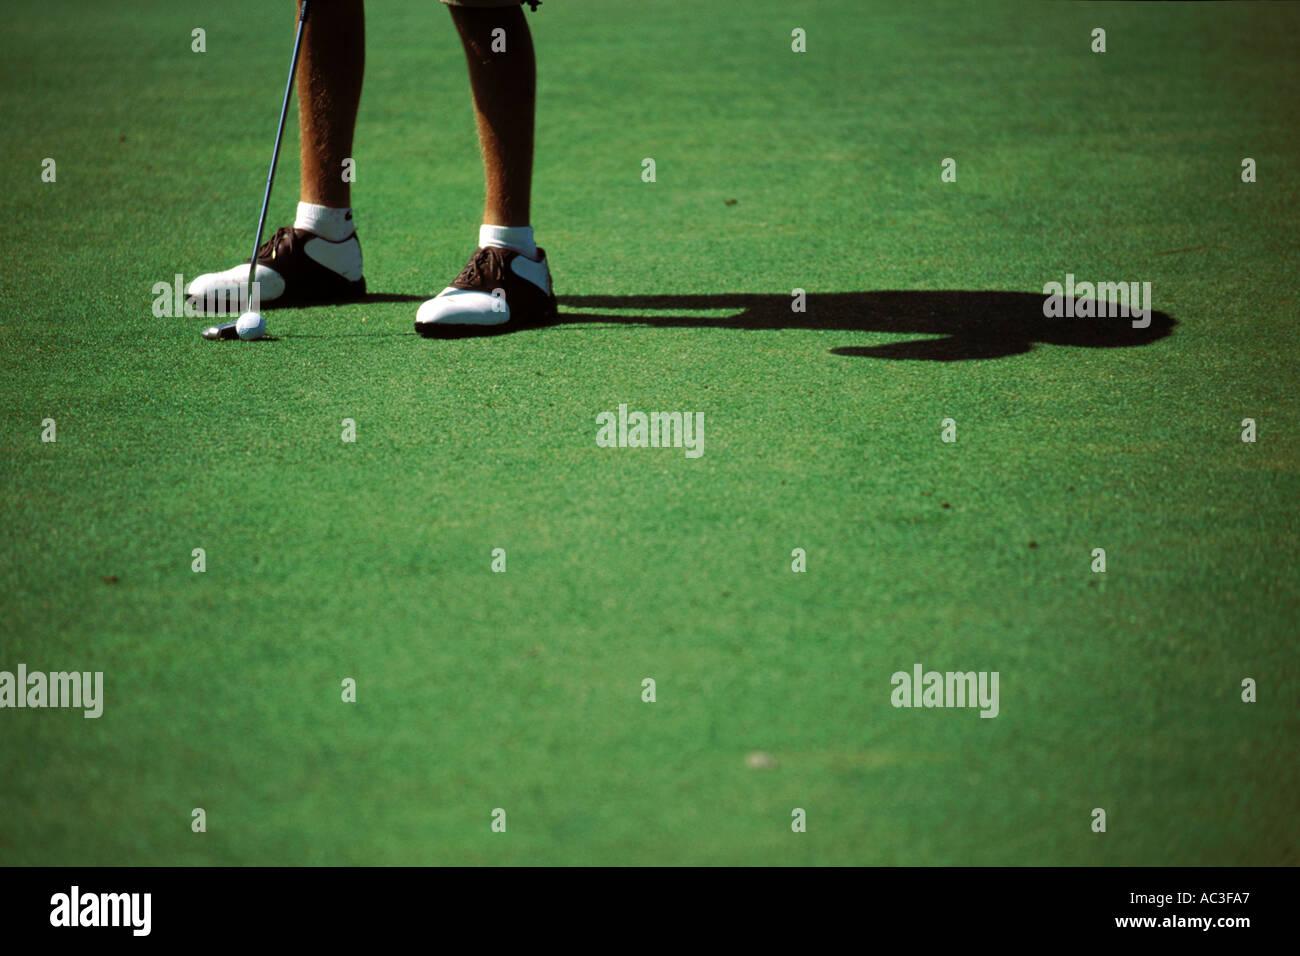 Robert Trent Jones Stock Photos Amp Robert Trent Jones Stock Images Alamy